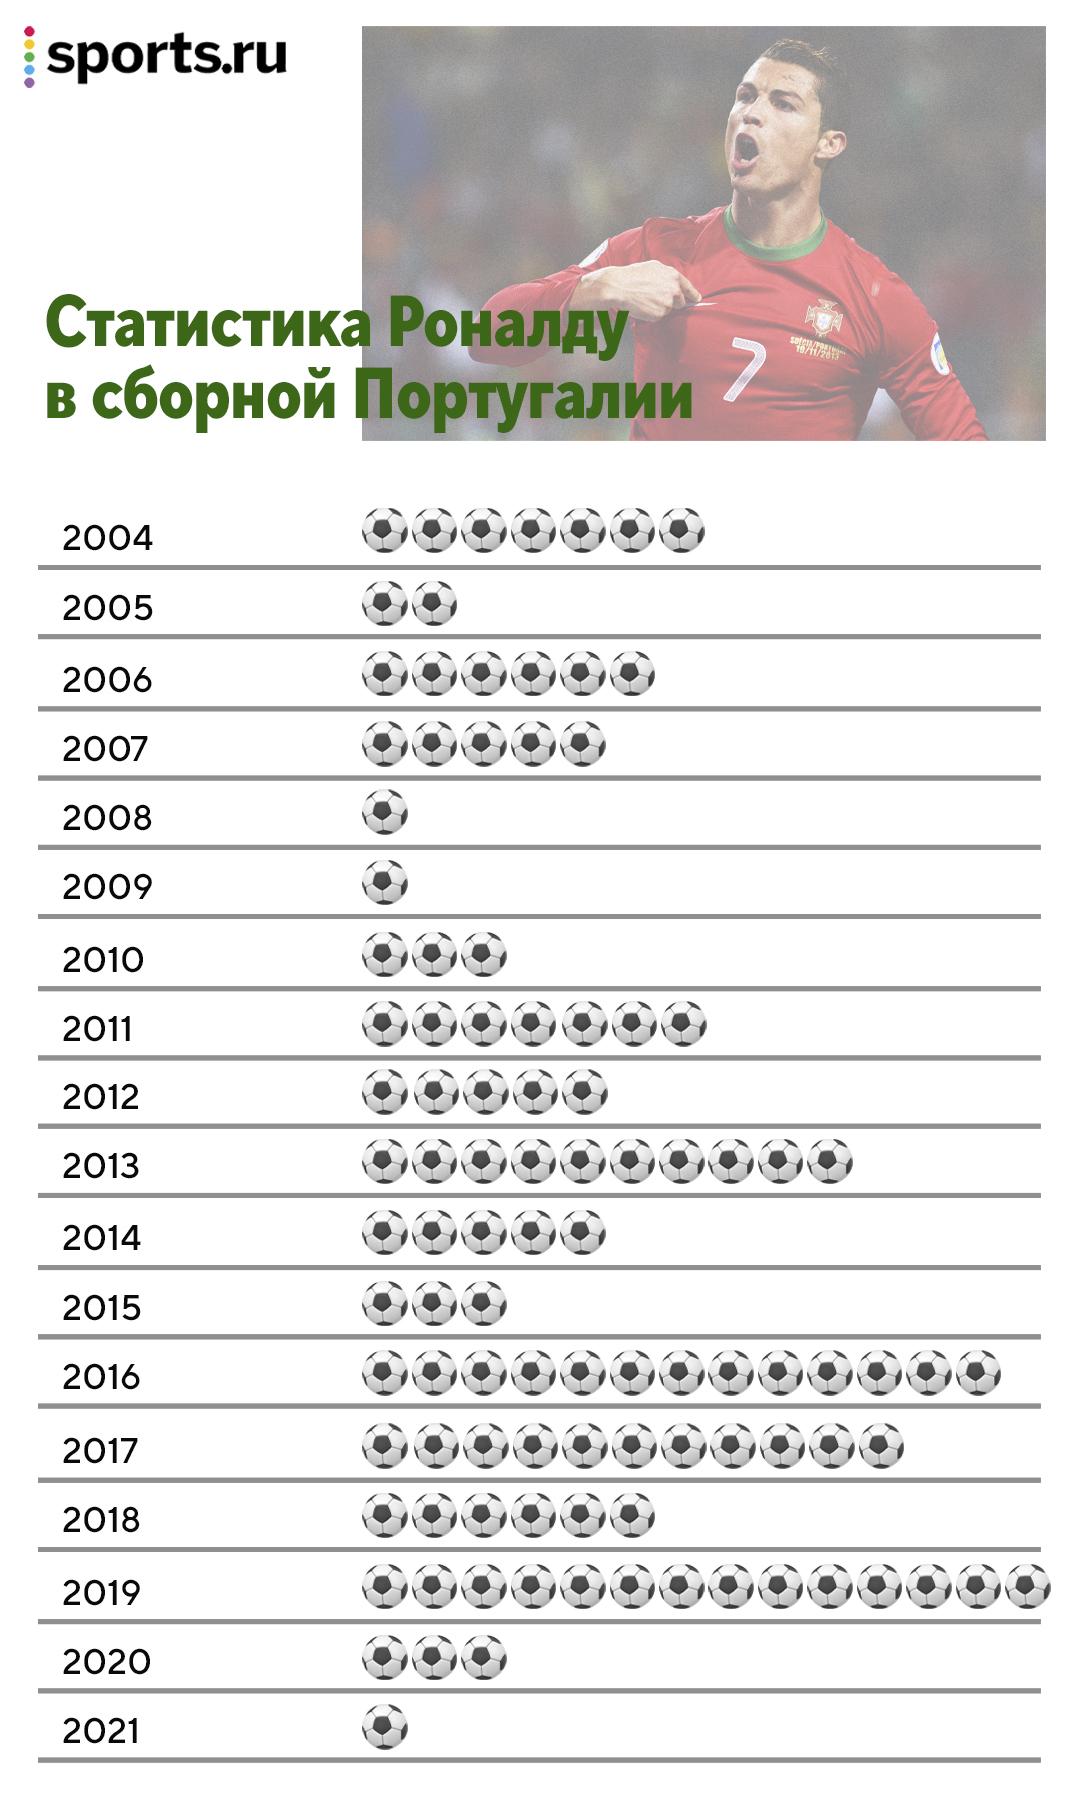 Грандиозная голевая серия Роналду в сборной: начал в 2004-м, забивает уже 18 лет подряд, самый результативный год – 2019-й